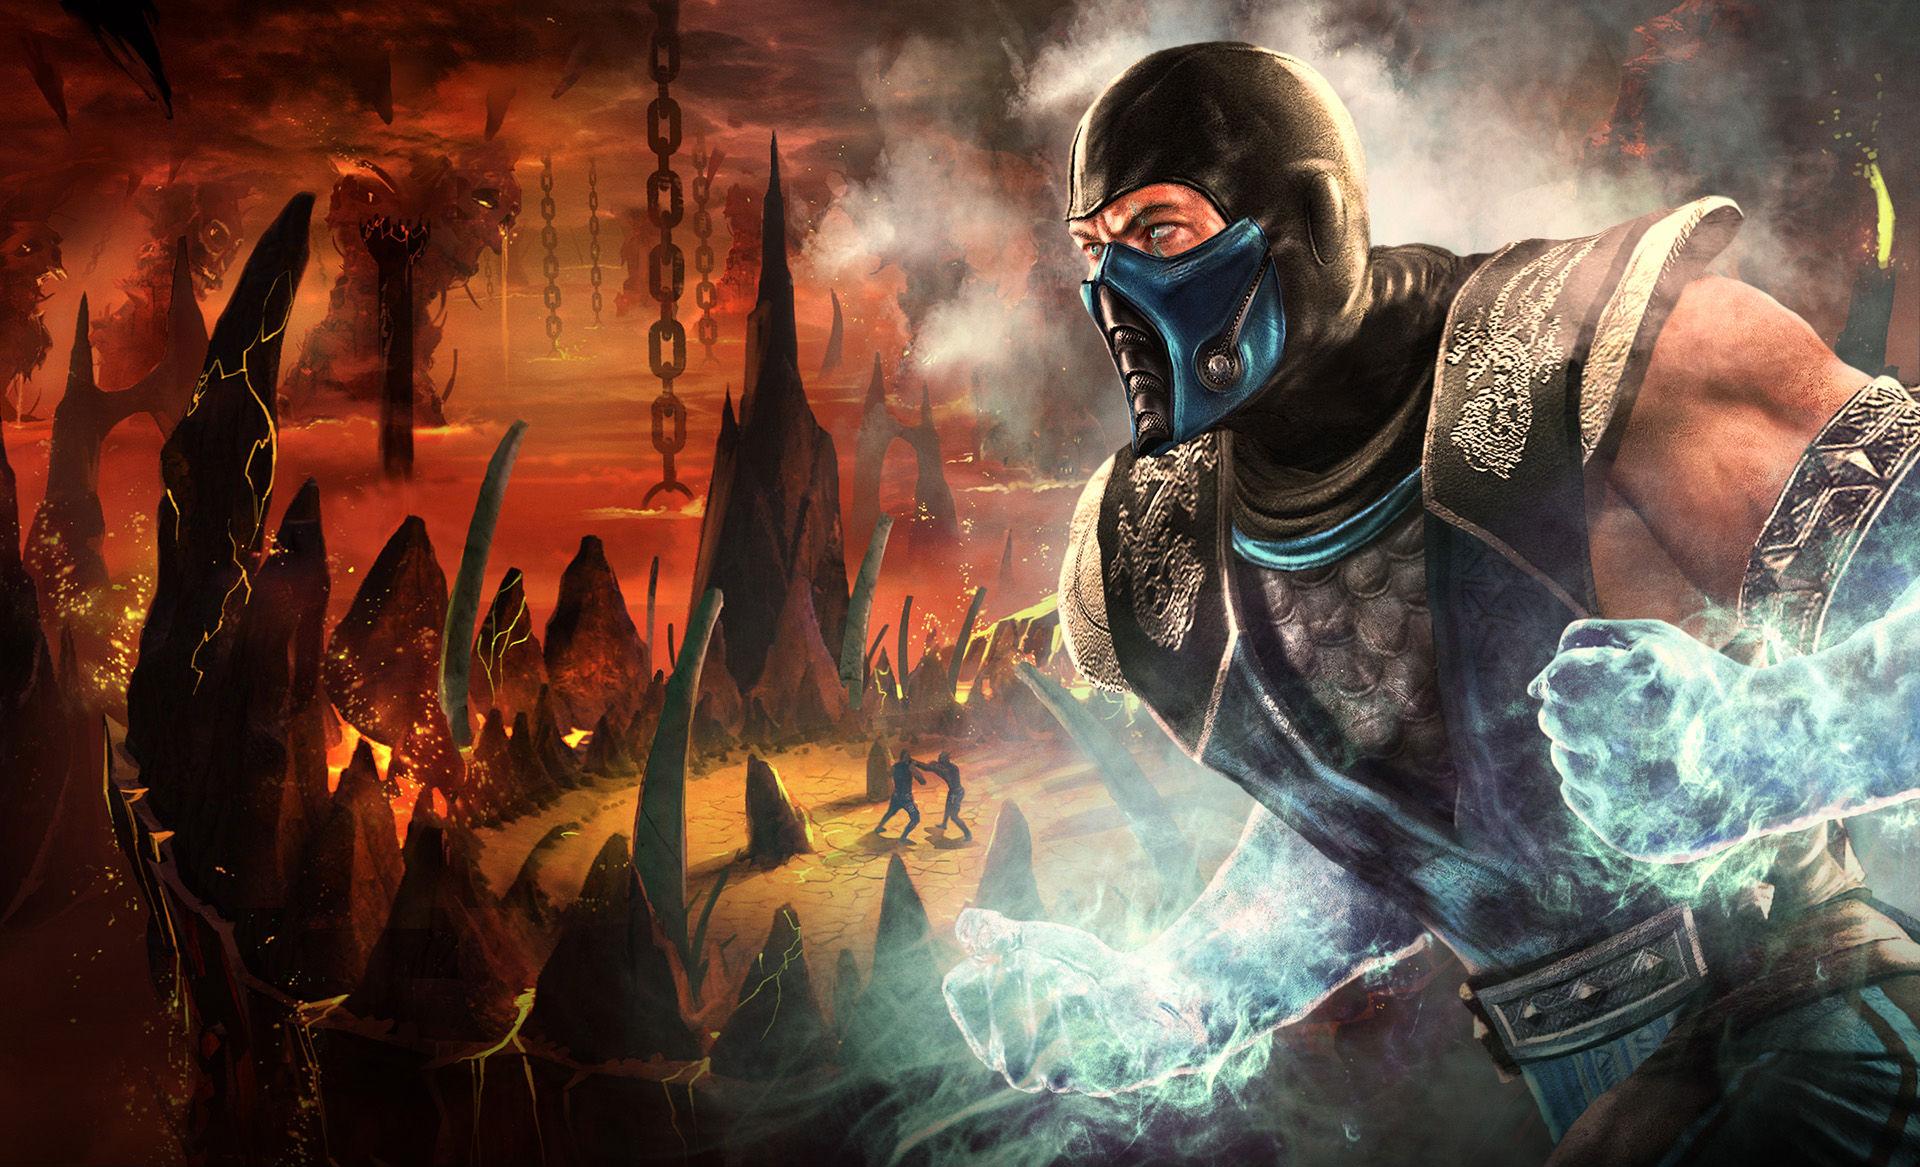 تاریخچه Mortal Kombat - از قلم افتادهها